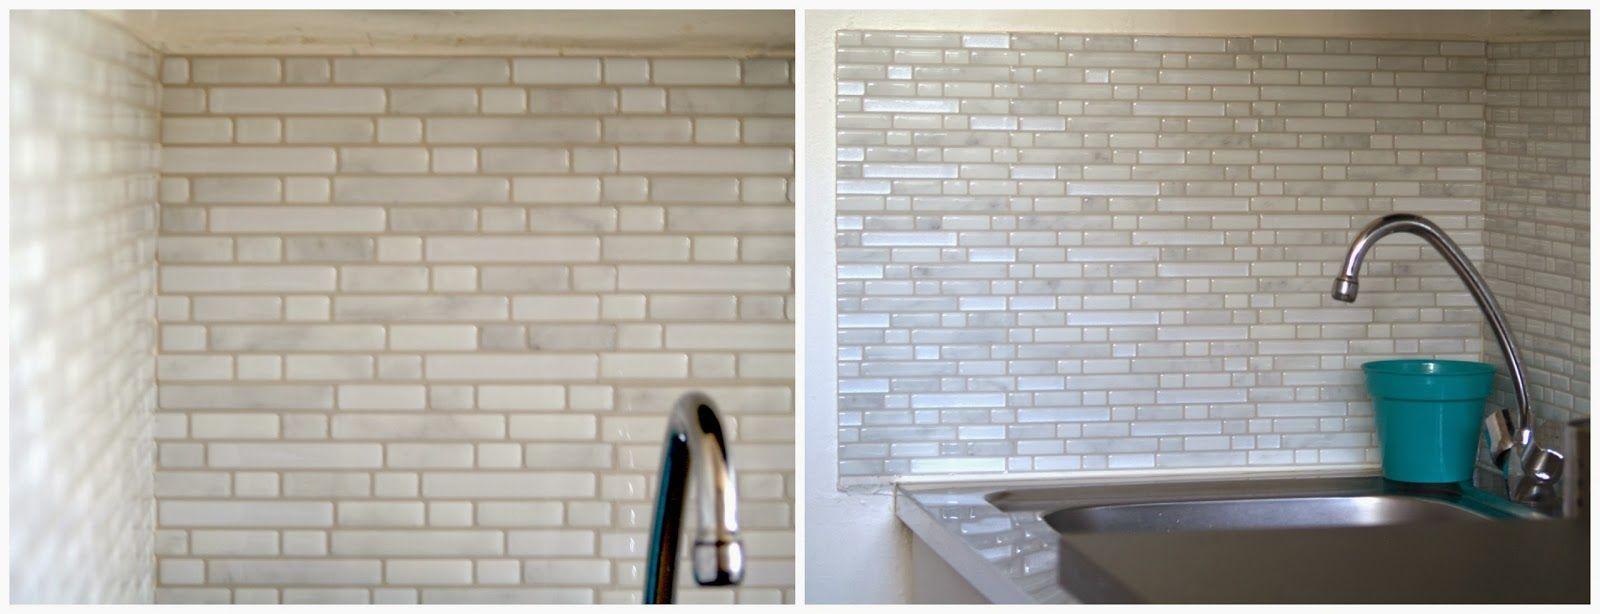 J Ai Teste Le Carrelage Mural Adhesif Smart Tiles Carrelage Mural Adhesif Carrelage Adhesif Carrelage Mural